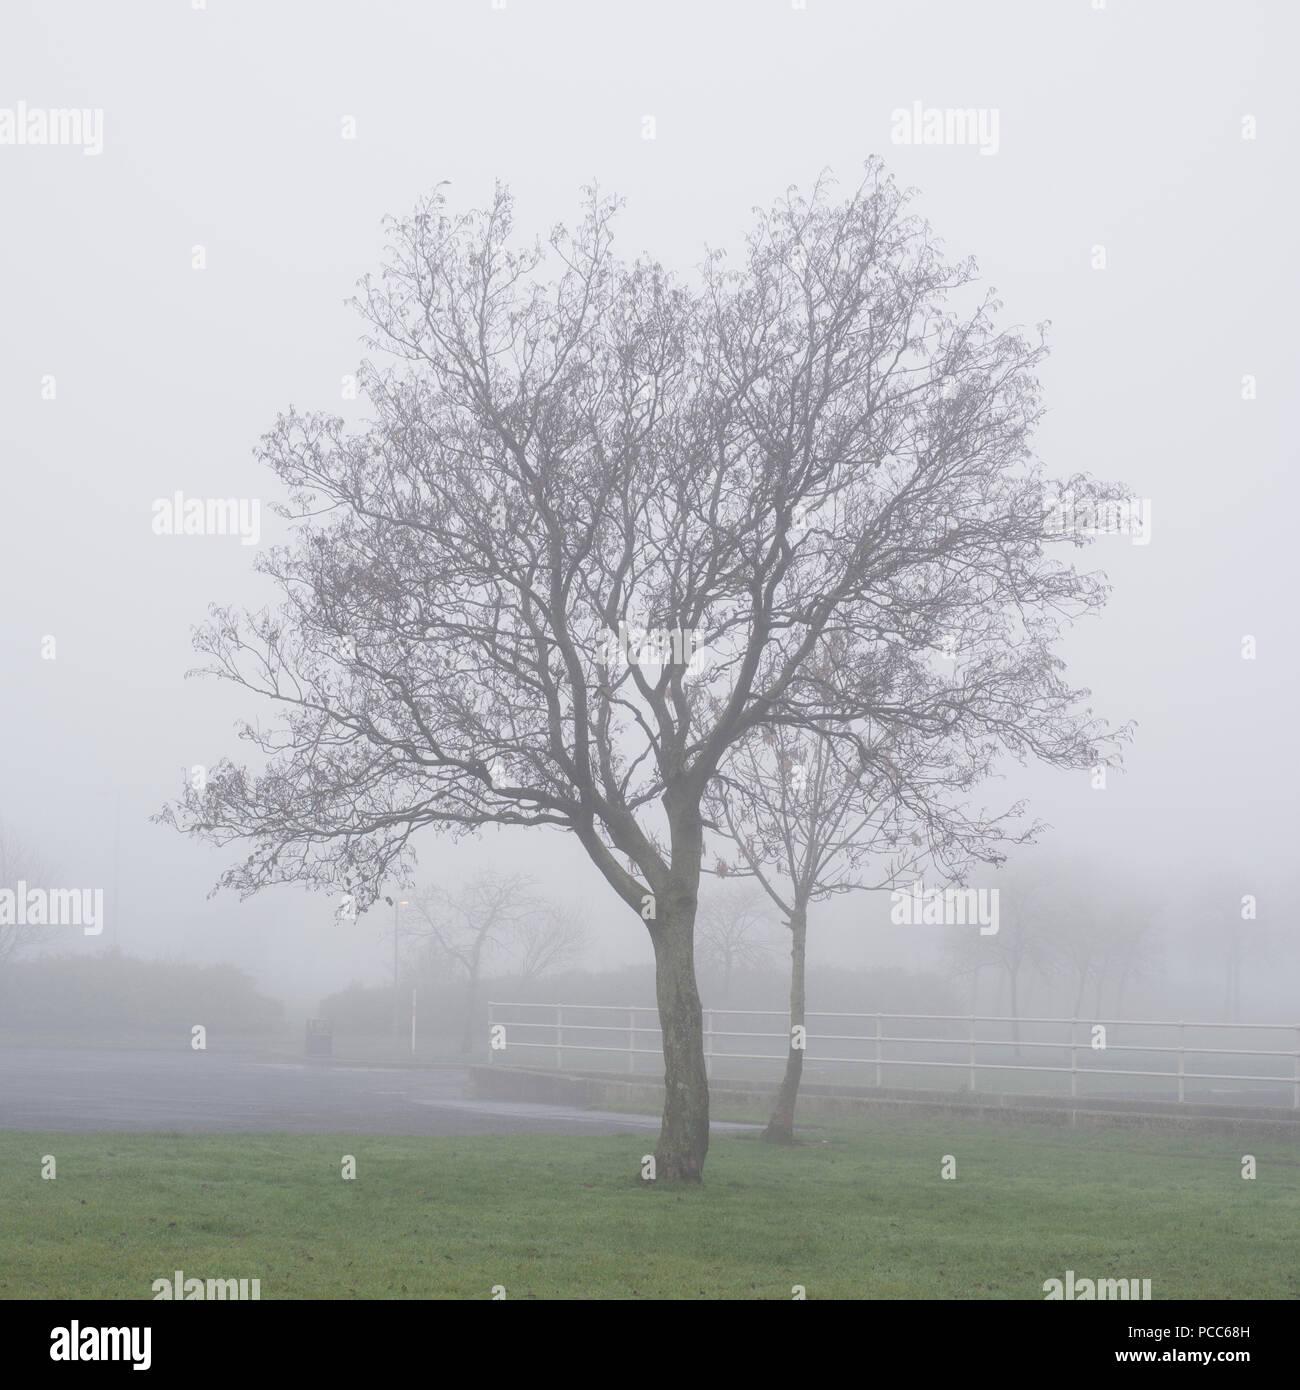 Dos árboles en el parque niebla y neblina en bosques vírgenes Imagen De Stock